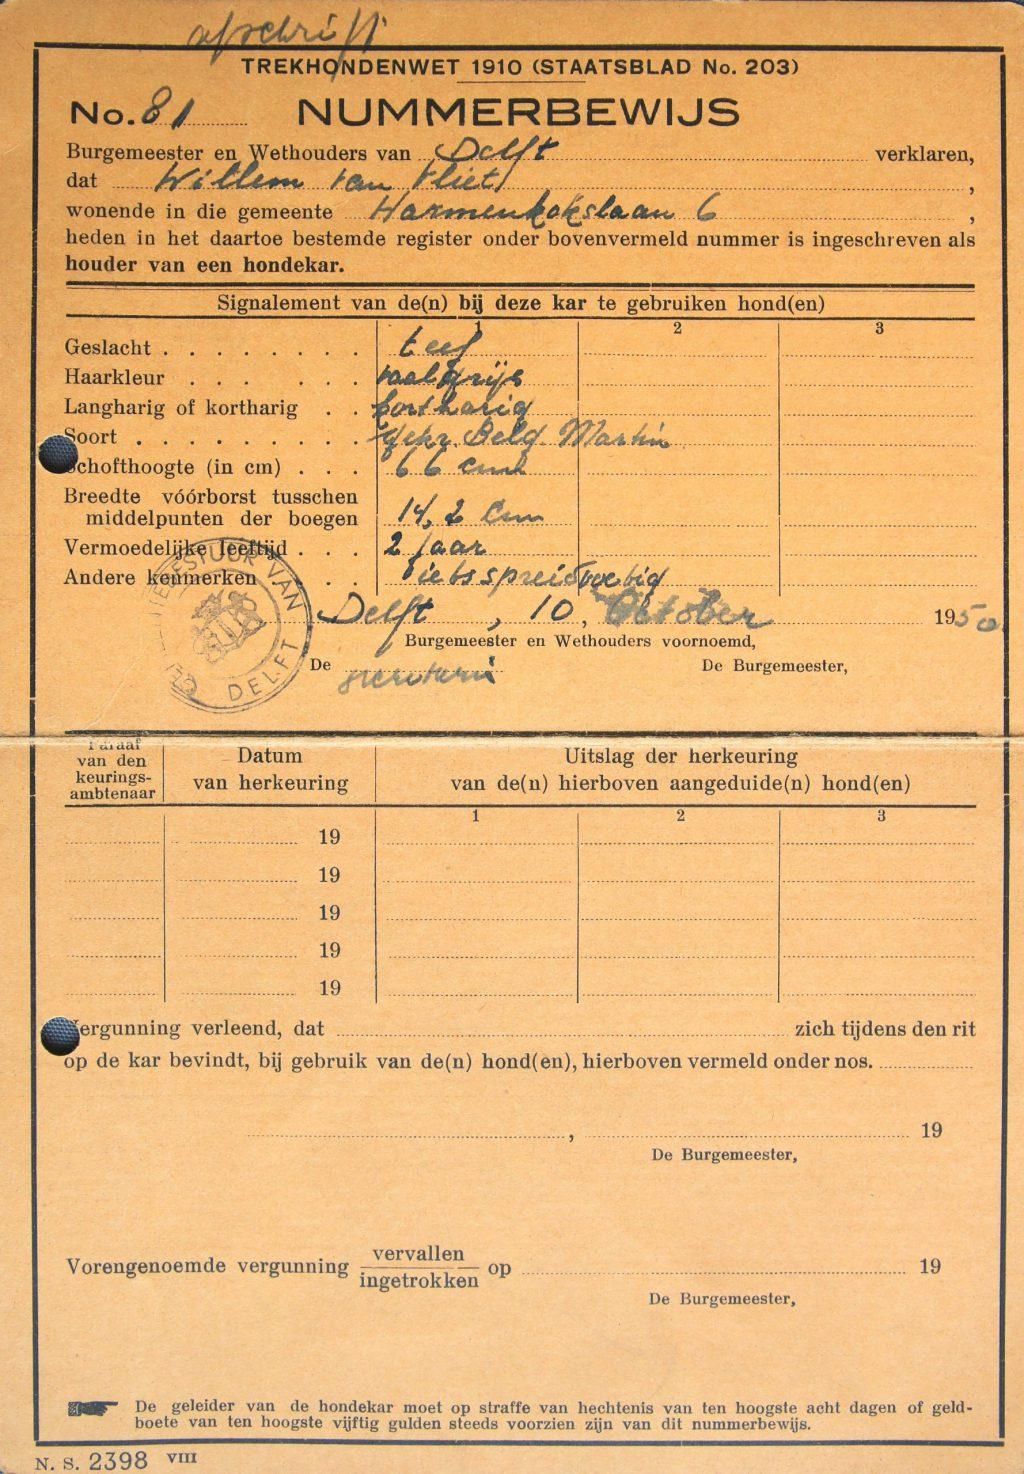 Nummerbewijs voor de hond van W. van Vliet in het register van houders van hondenkarren (Archief 653, inv.nr 2987)